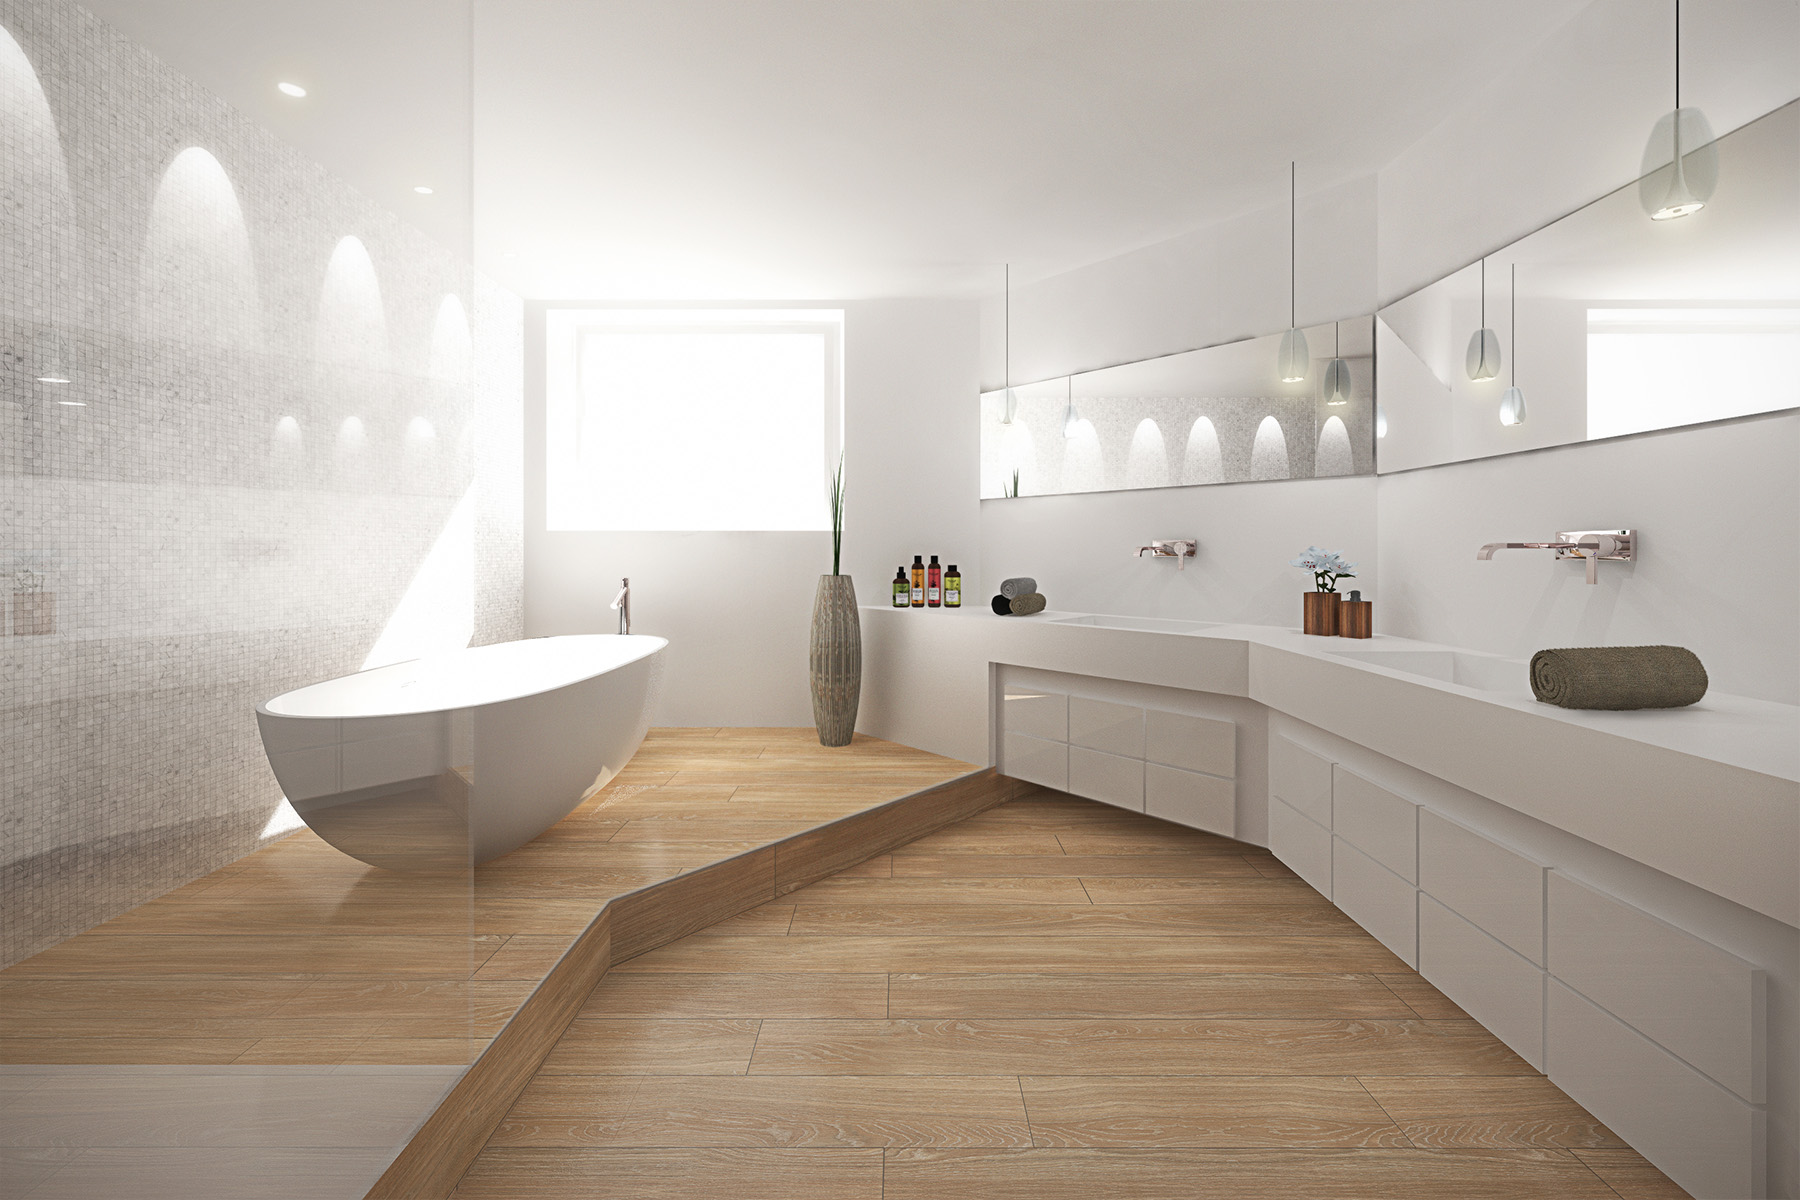 David iltis architecte mulhouse 3d salle de bain blanche for Architecte d interieur mulhouse